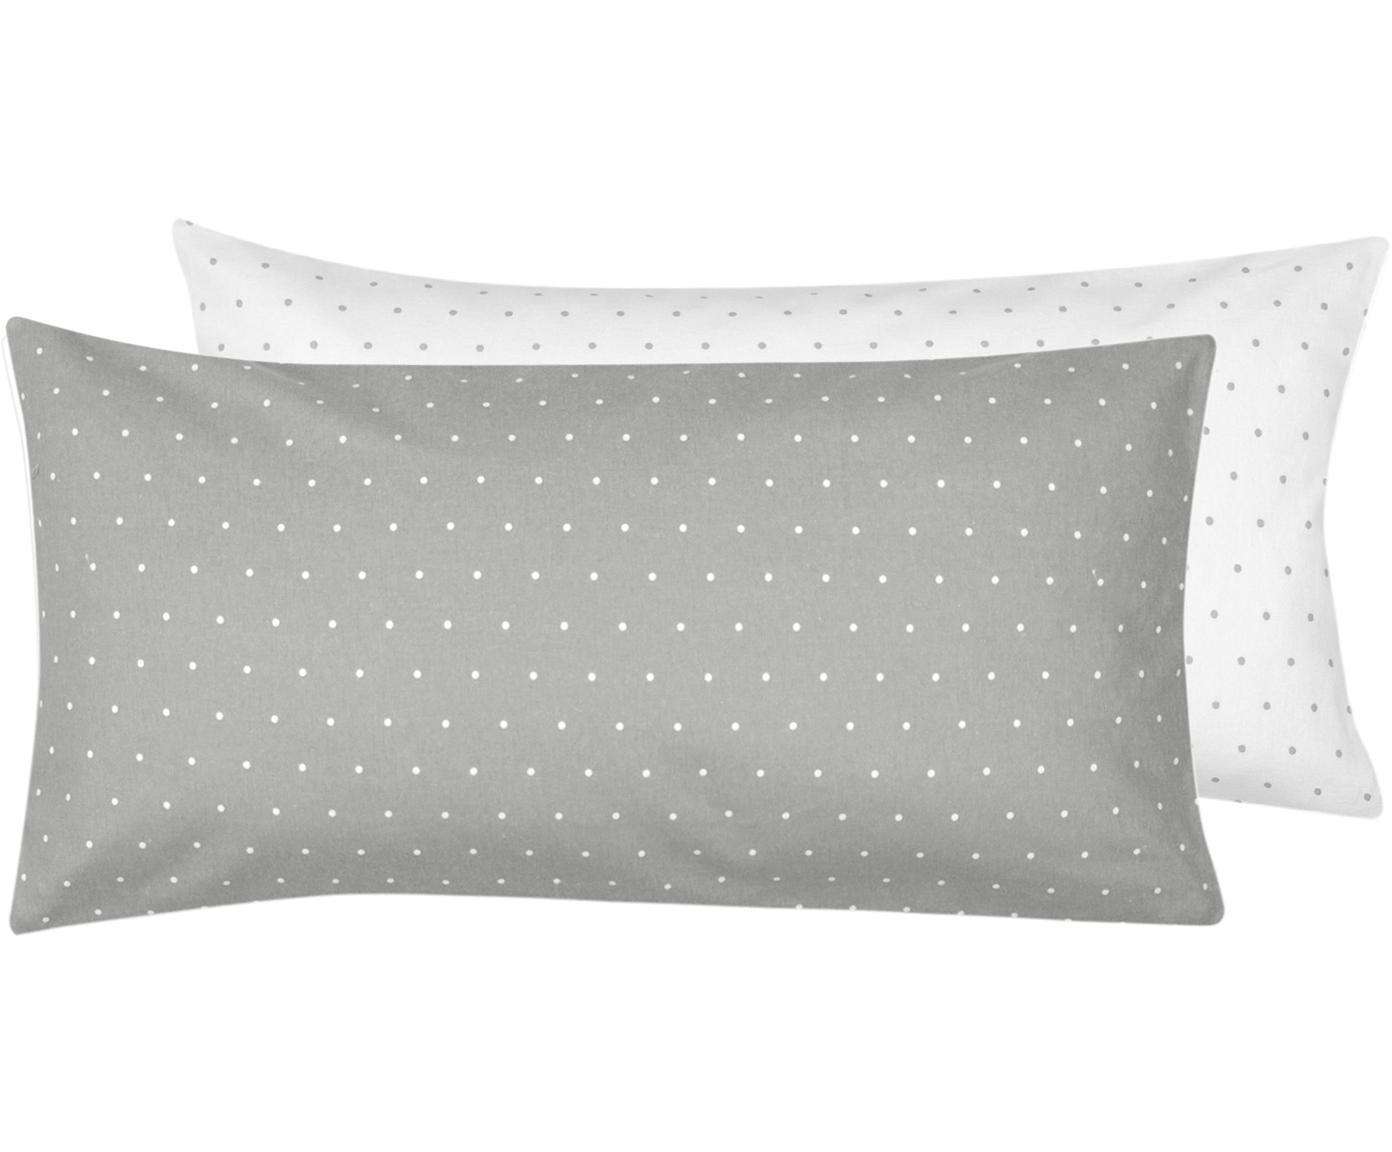 Dwustronna poszewka na poduszkę z flaneli Elisa, 2 szt., Szary, biały, S 40 x D 80 cm